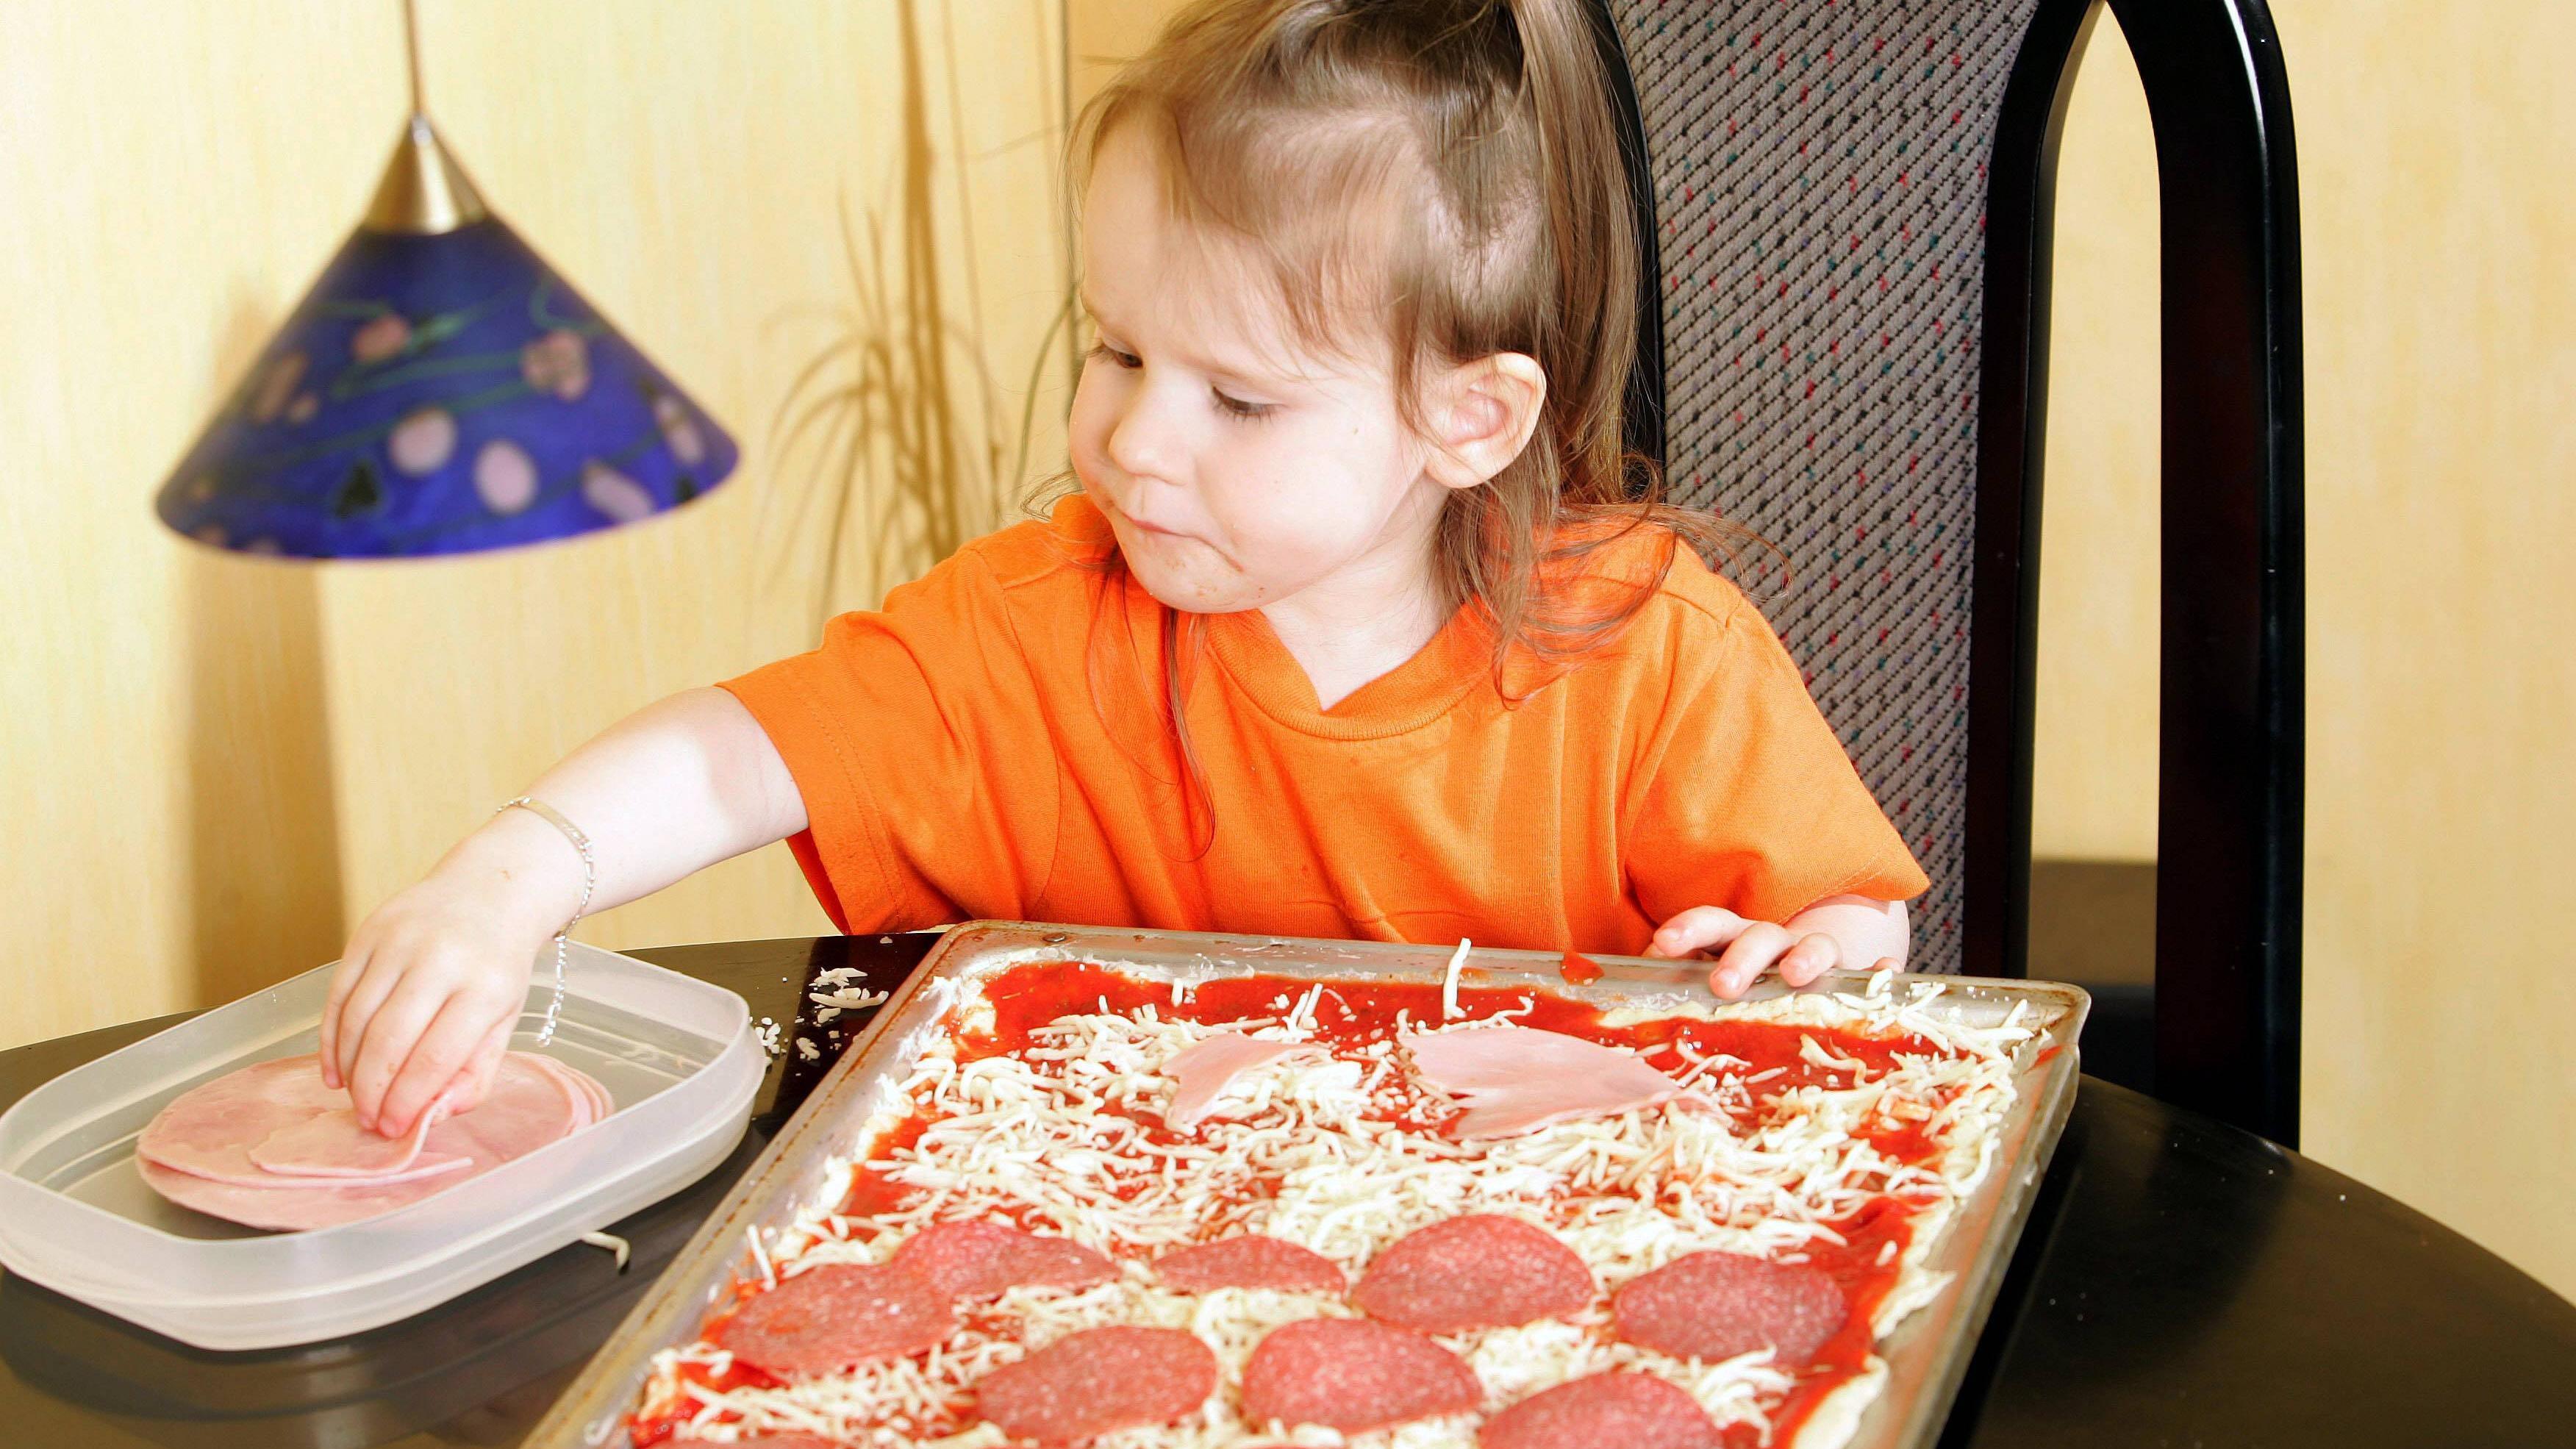 Salami ist für Kleinkinder ab 3 Jahren erlaubt, wenn sie vorher erhitzt wurde.